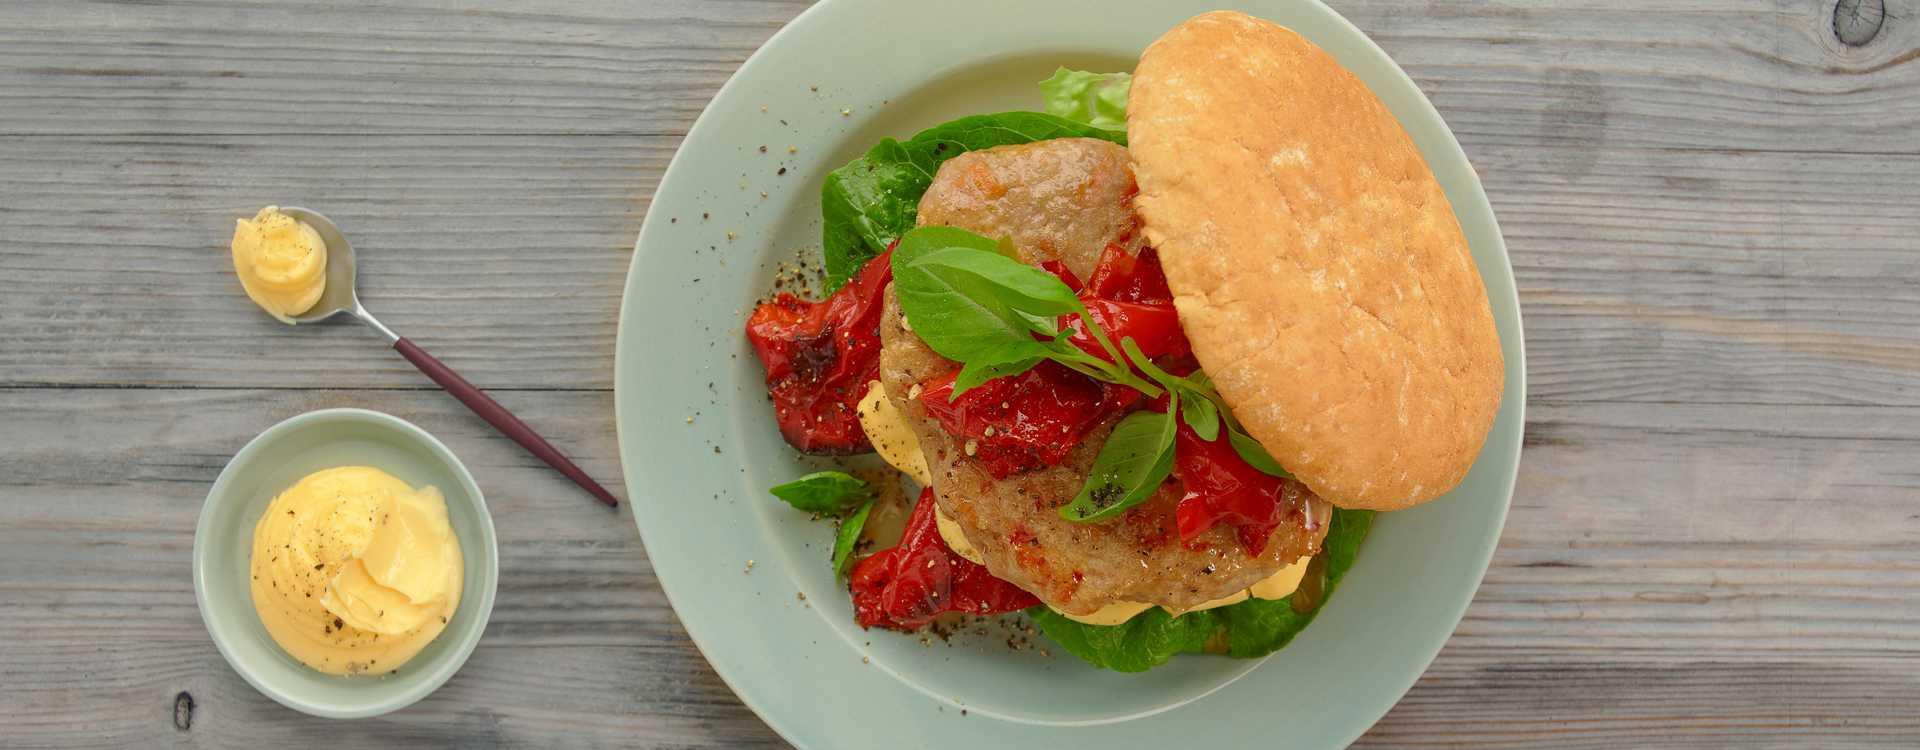 Kyllingburger med bakt paprika